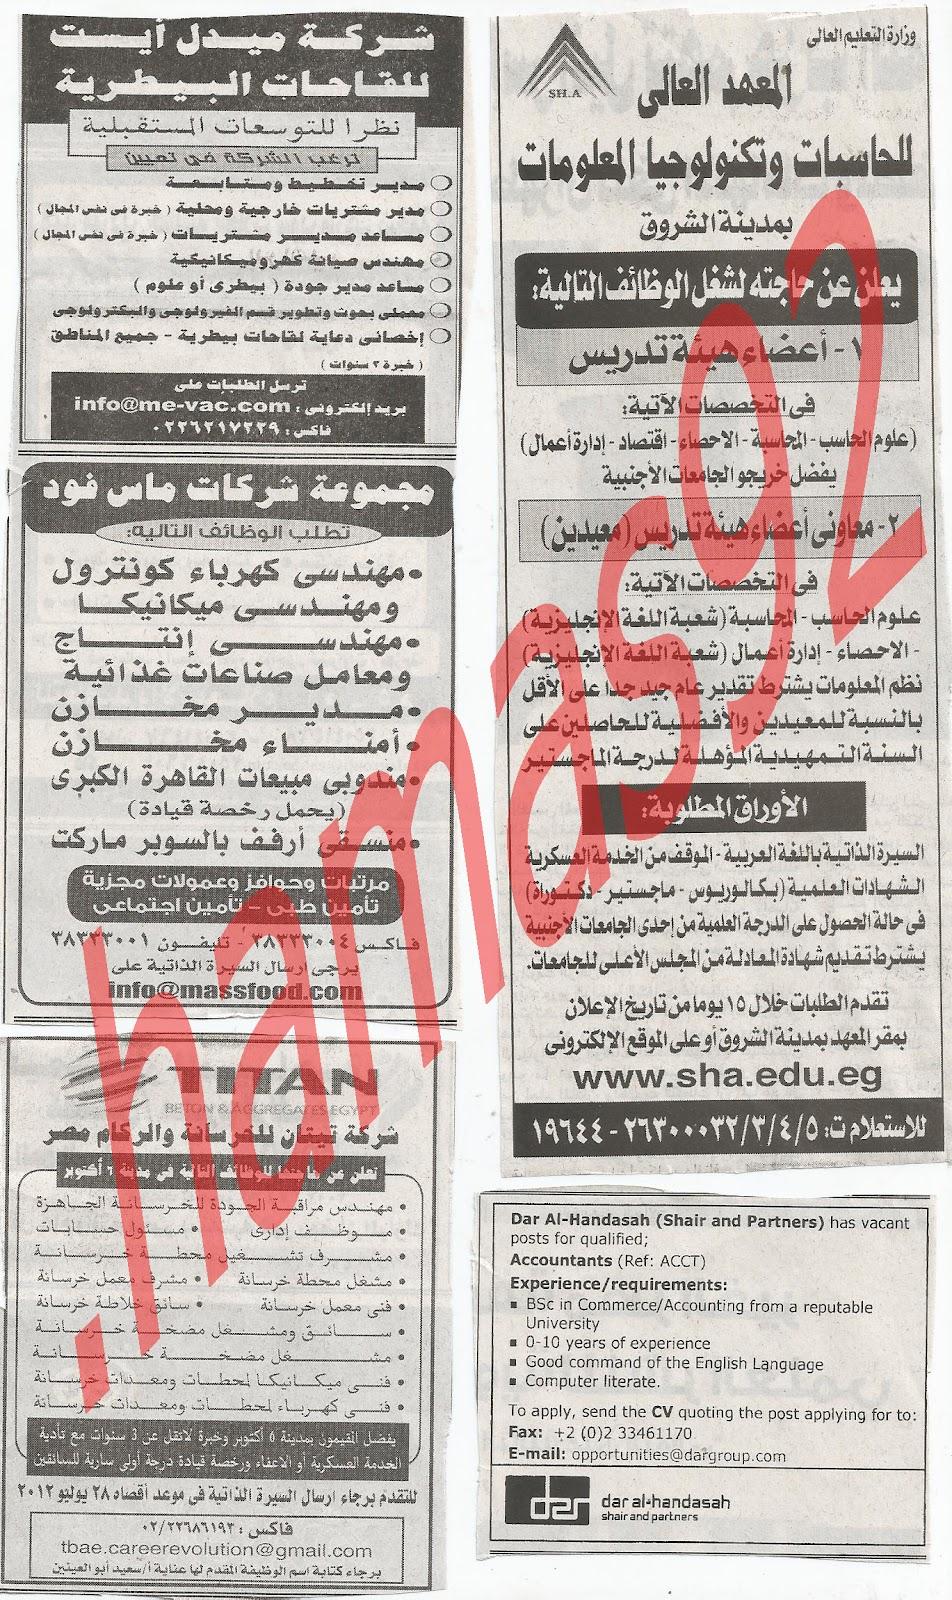 وظائف جريدة الاهرام الجمعة 20/7/2012 - الاعلانات كاملة 11